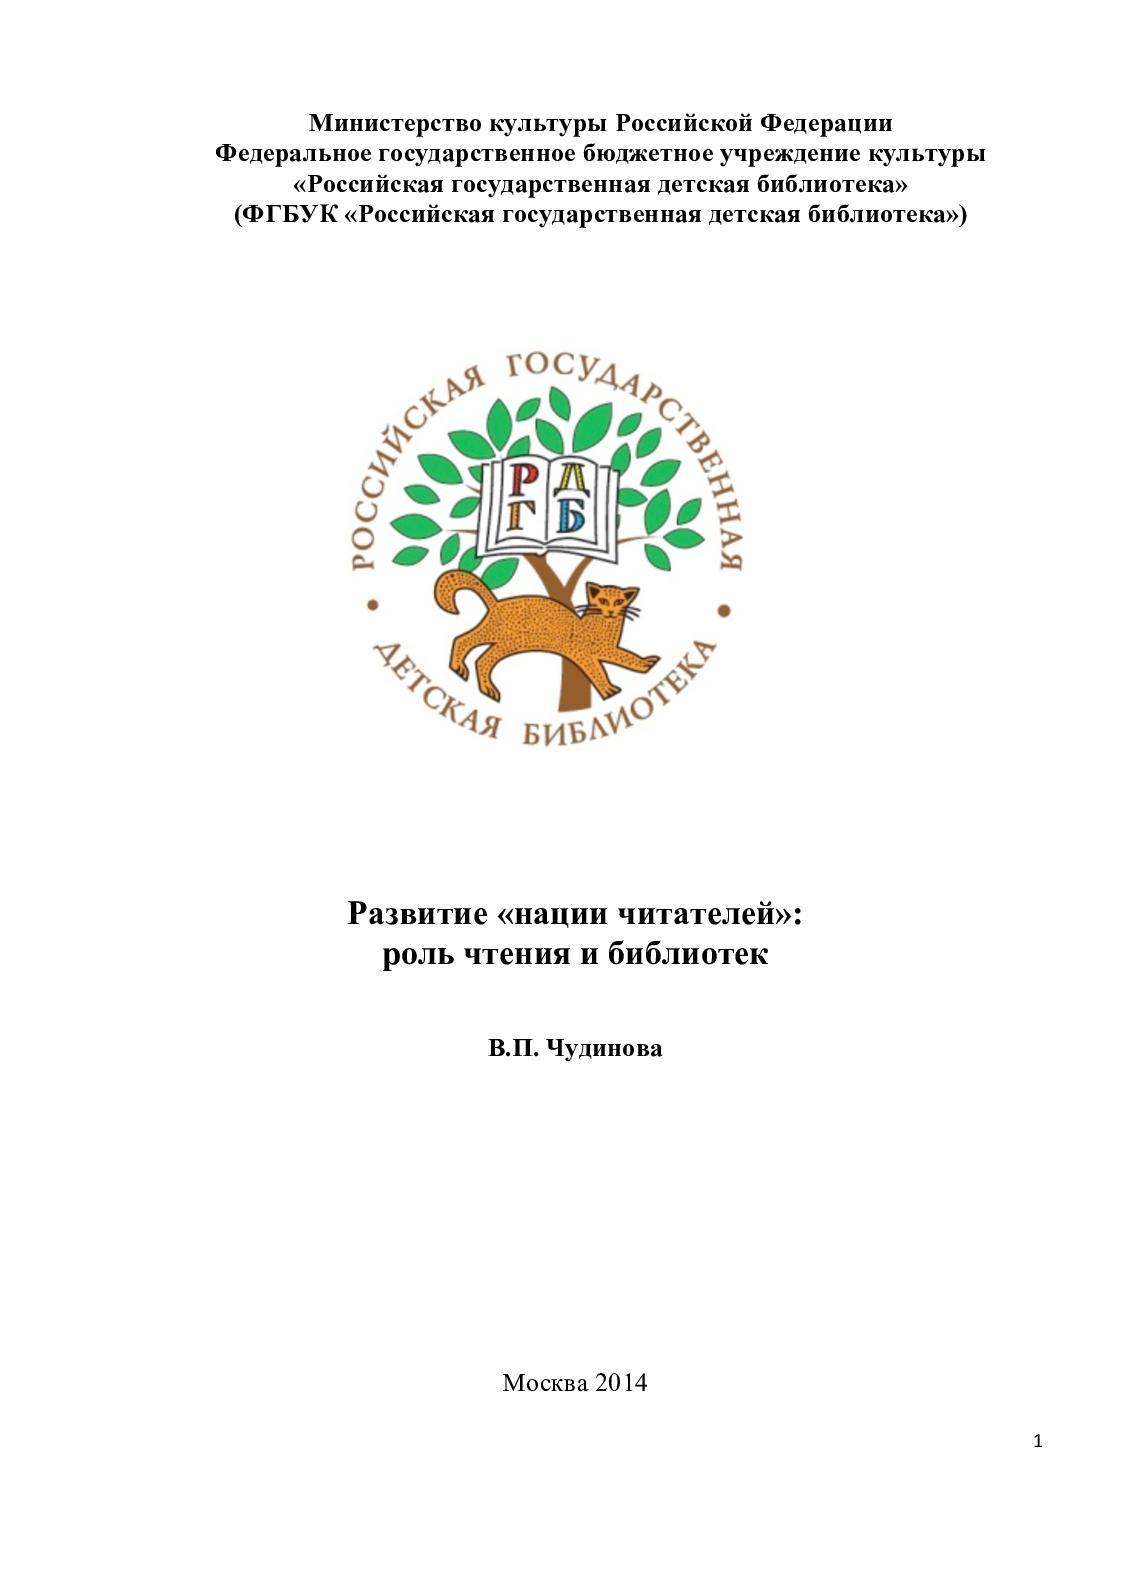 Чудинова В.П. Развитие «нации читателей»: роль чтения и библиотек